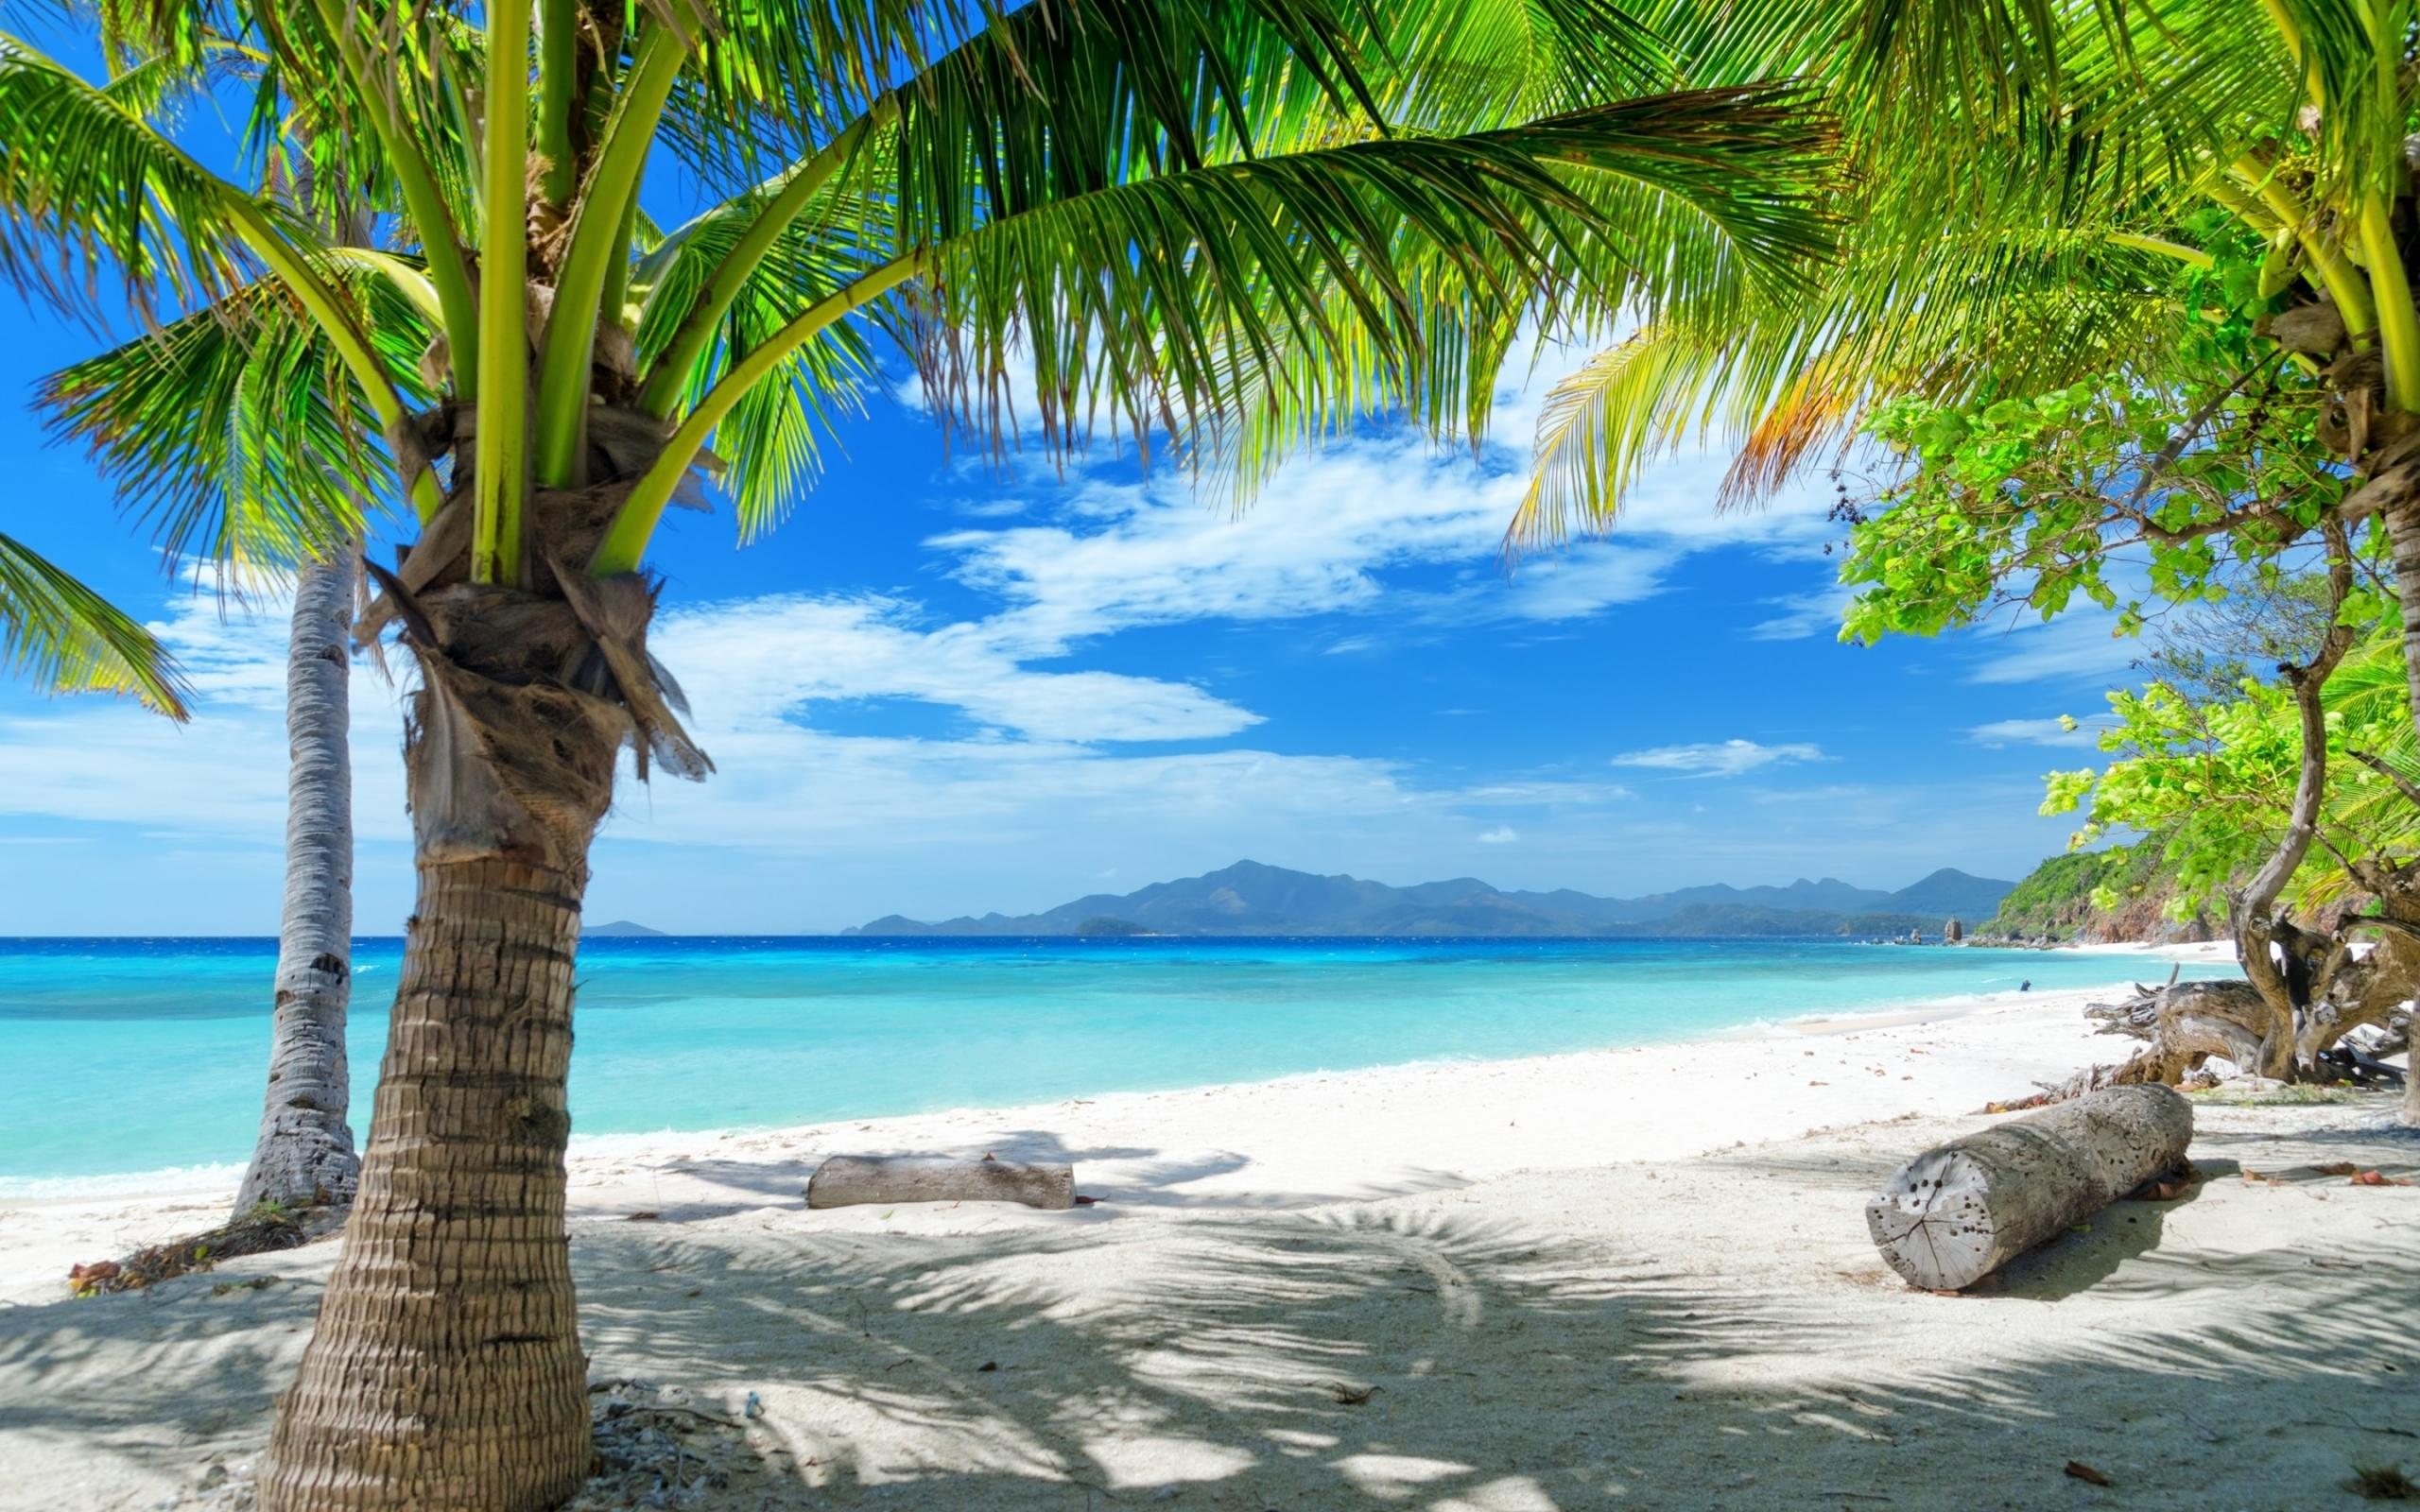 19271 скачать обои Пейзаж, Небо, Море, Пляж, Песок, Пальмы - заставки и картинки бесплатно